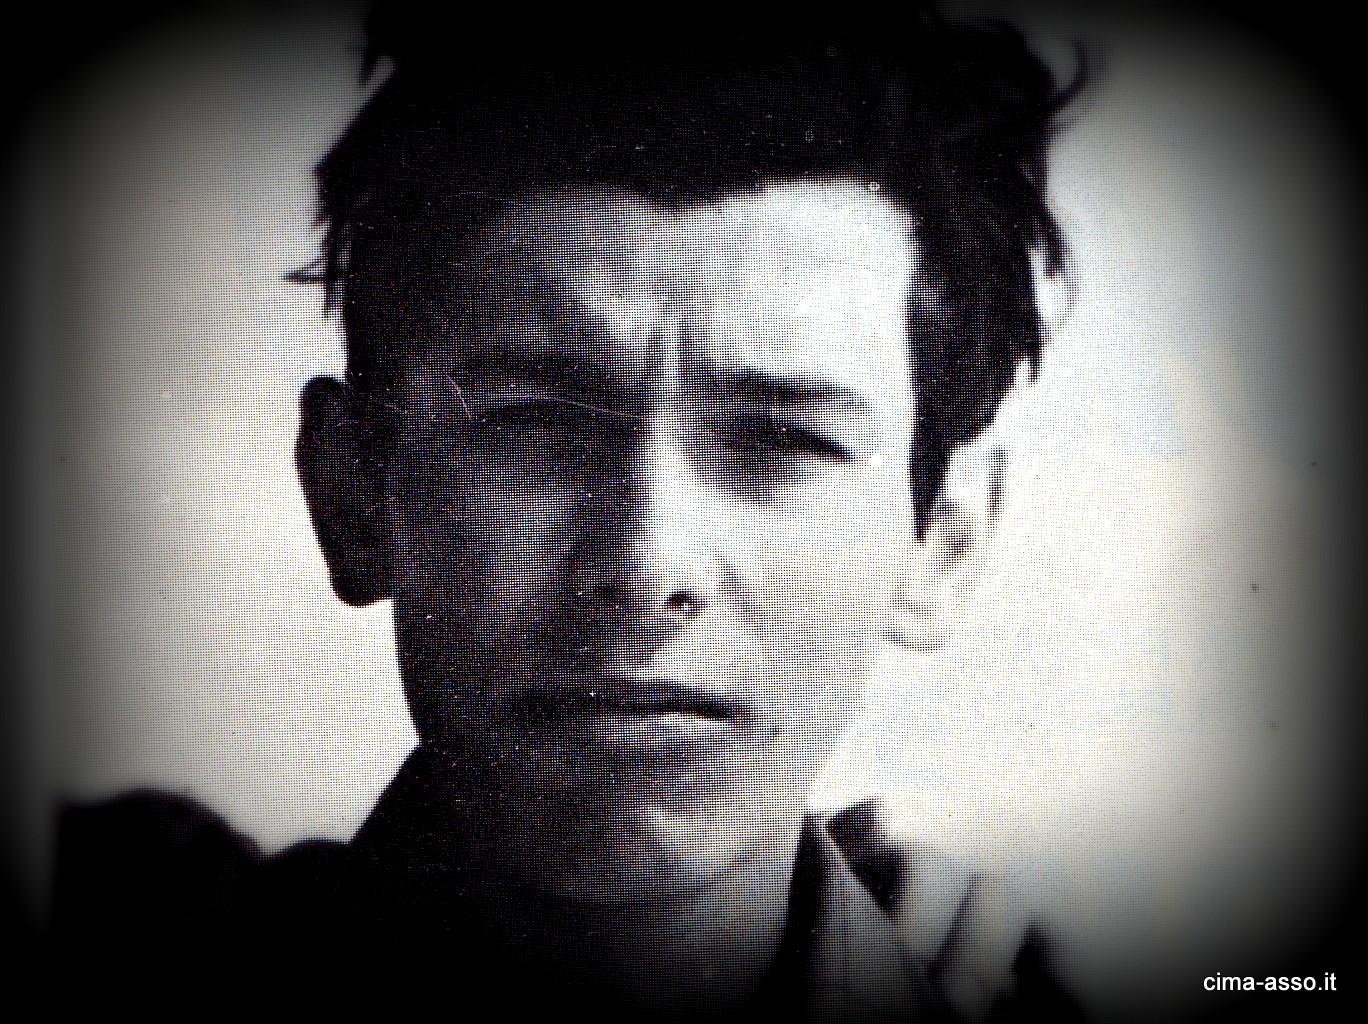 Claudio Bartoli